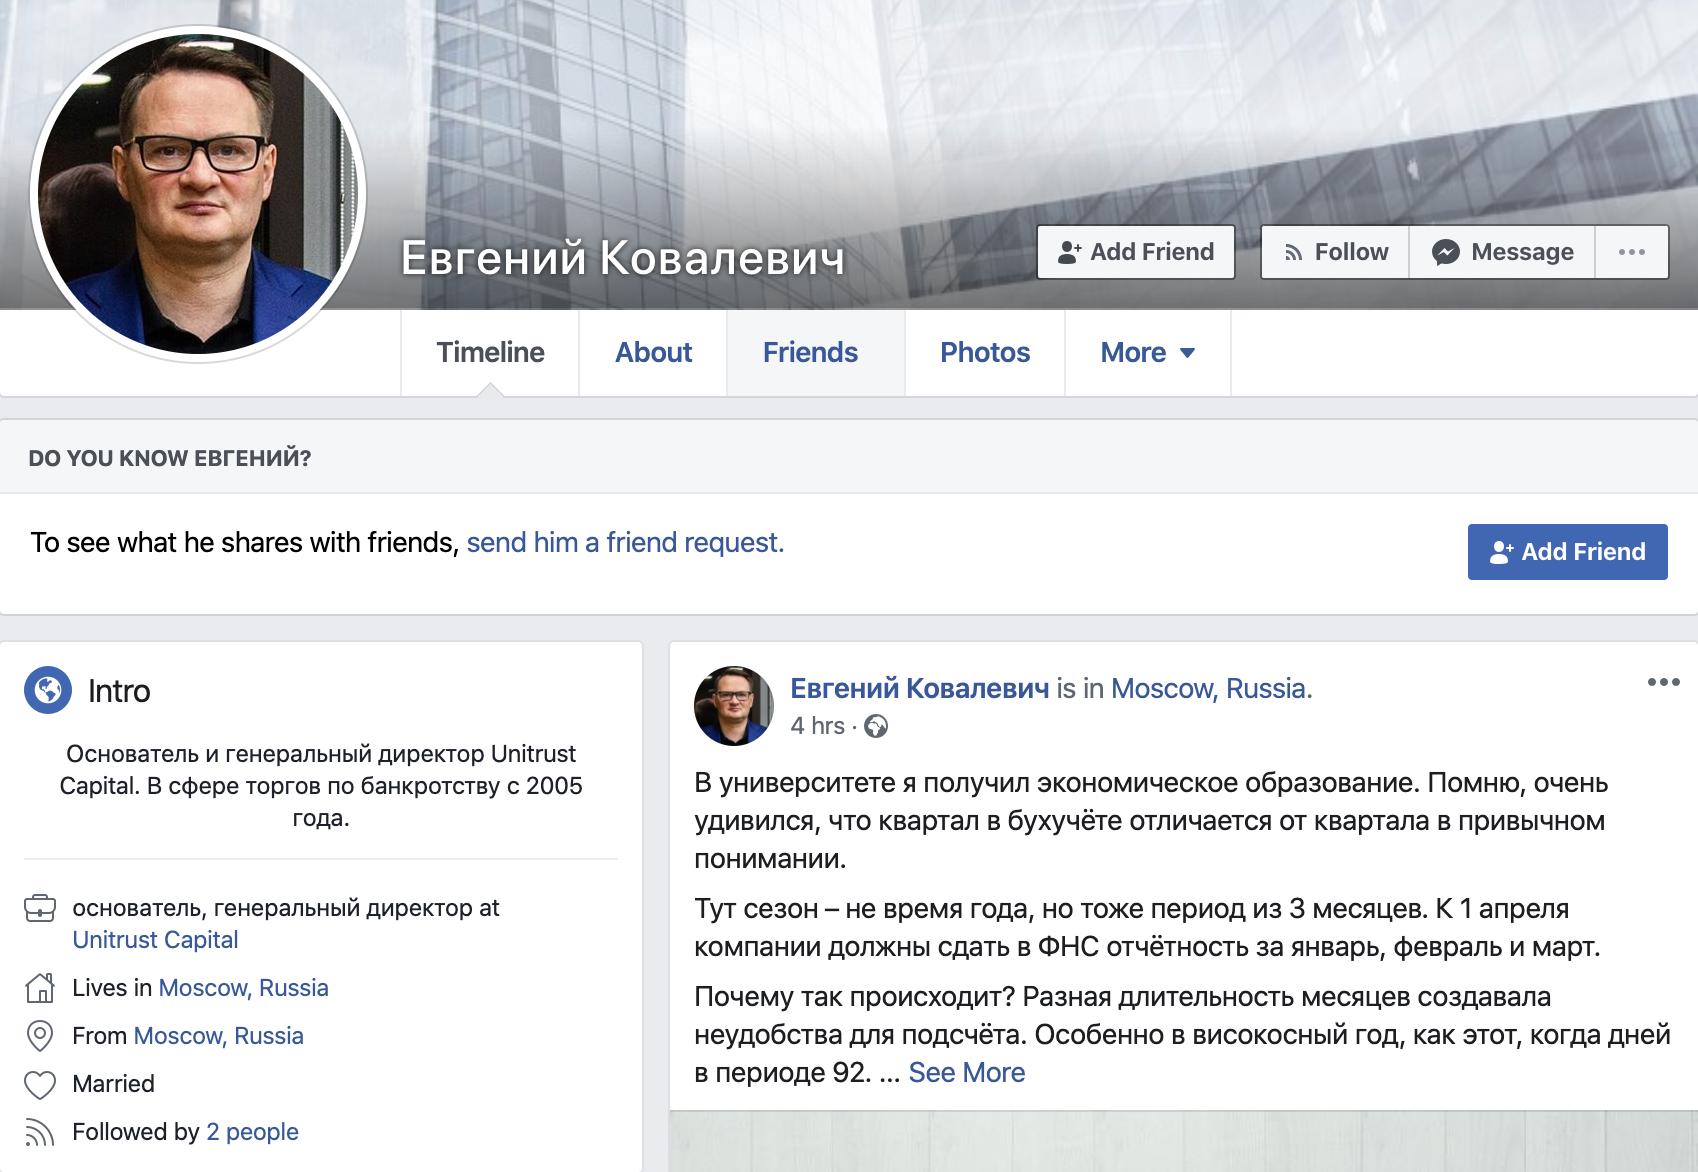 Гендиром «Юнитраста» называют Евгения Ковалевича, и «Руспрофайл» это подтверждает. Сайт компании пишет об опыте работы с 2005года, то же самое Ковалевич пишет на своей странице в Фейсбуке. Но указывает только работу в «Юнитрасте» — притом что компанию основали в 2018